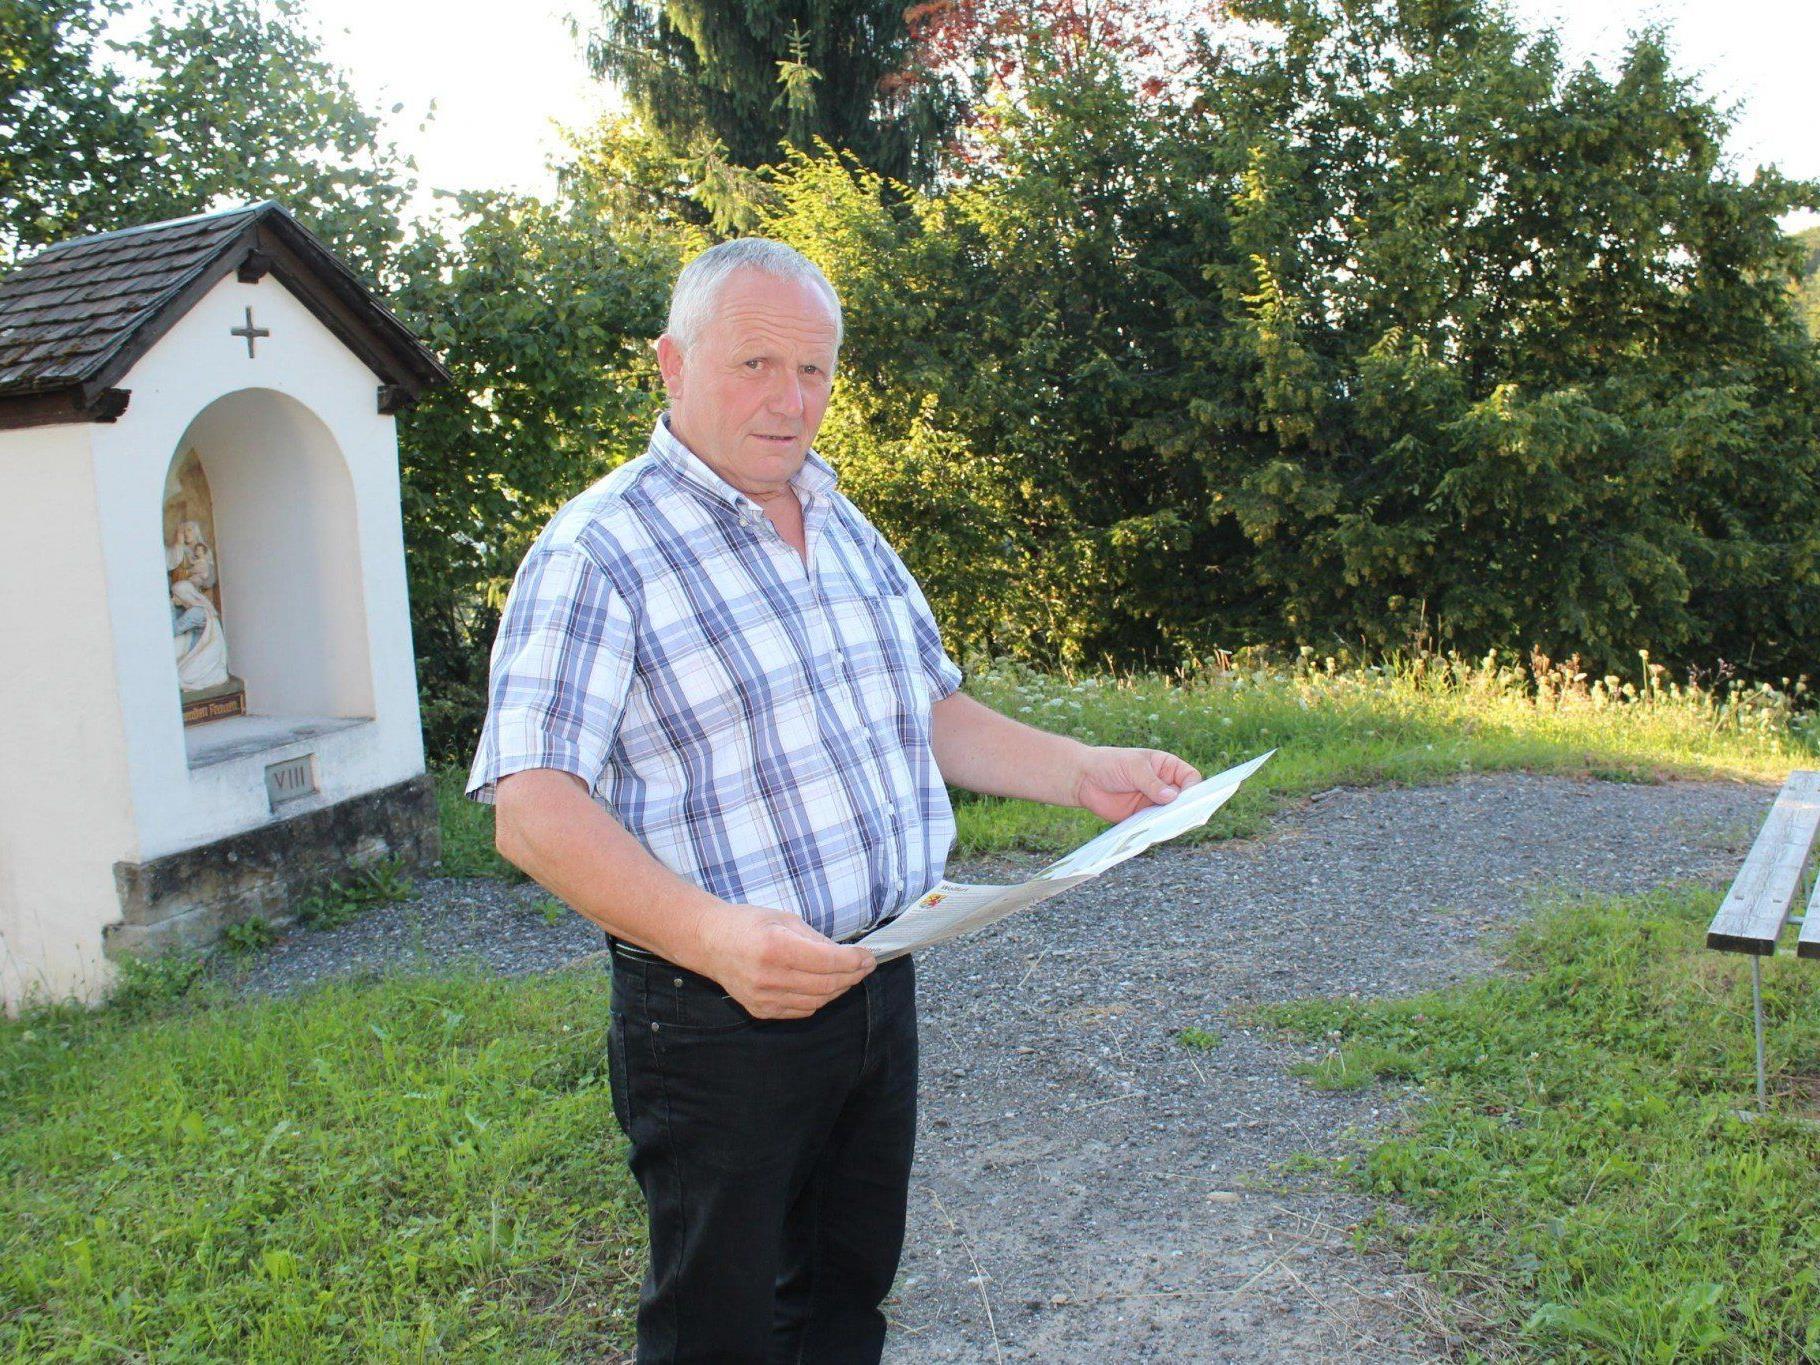 Projektleiter Vizebgm. Roman Immler freut sich über die neue Pilger- und Wanderkarte.